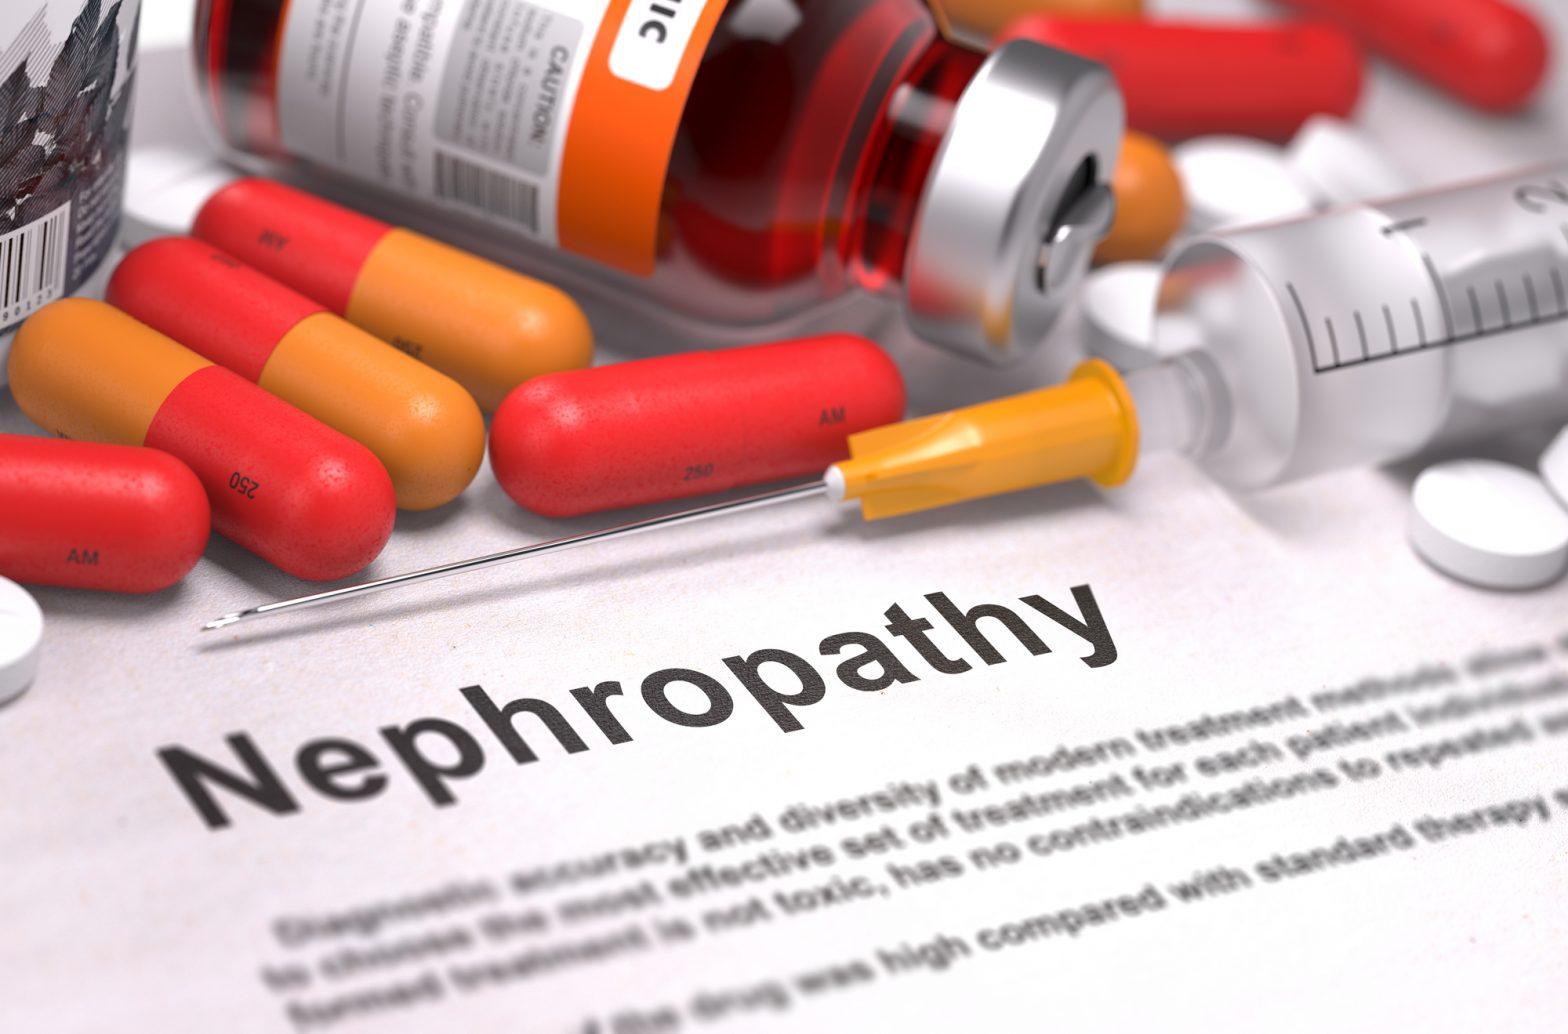 Нефропатия - Что это и каковы причины